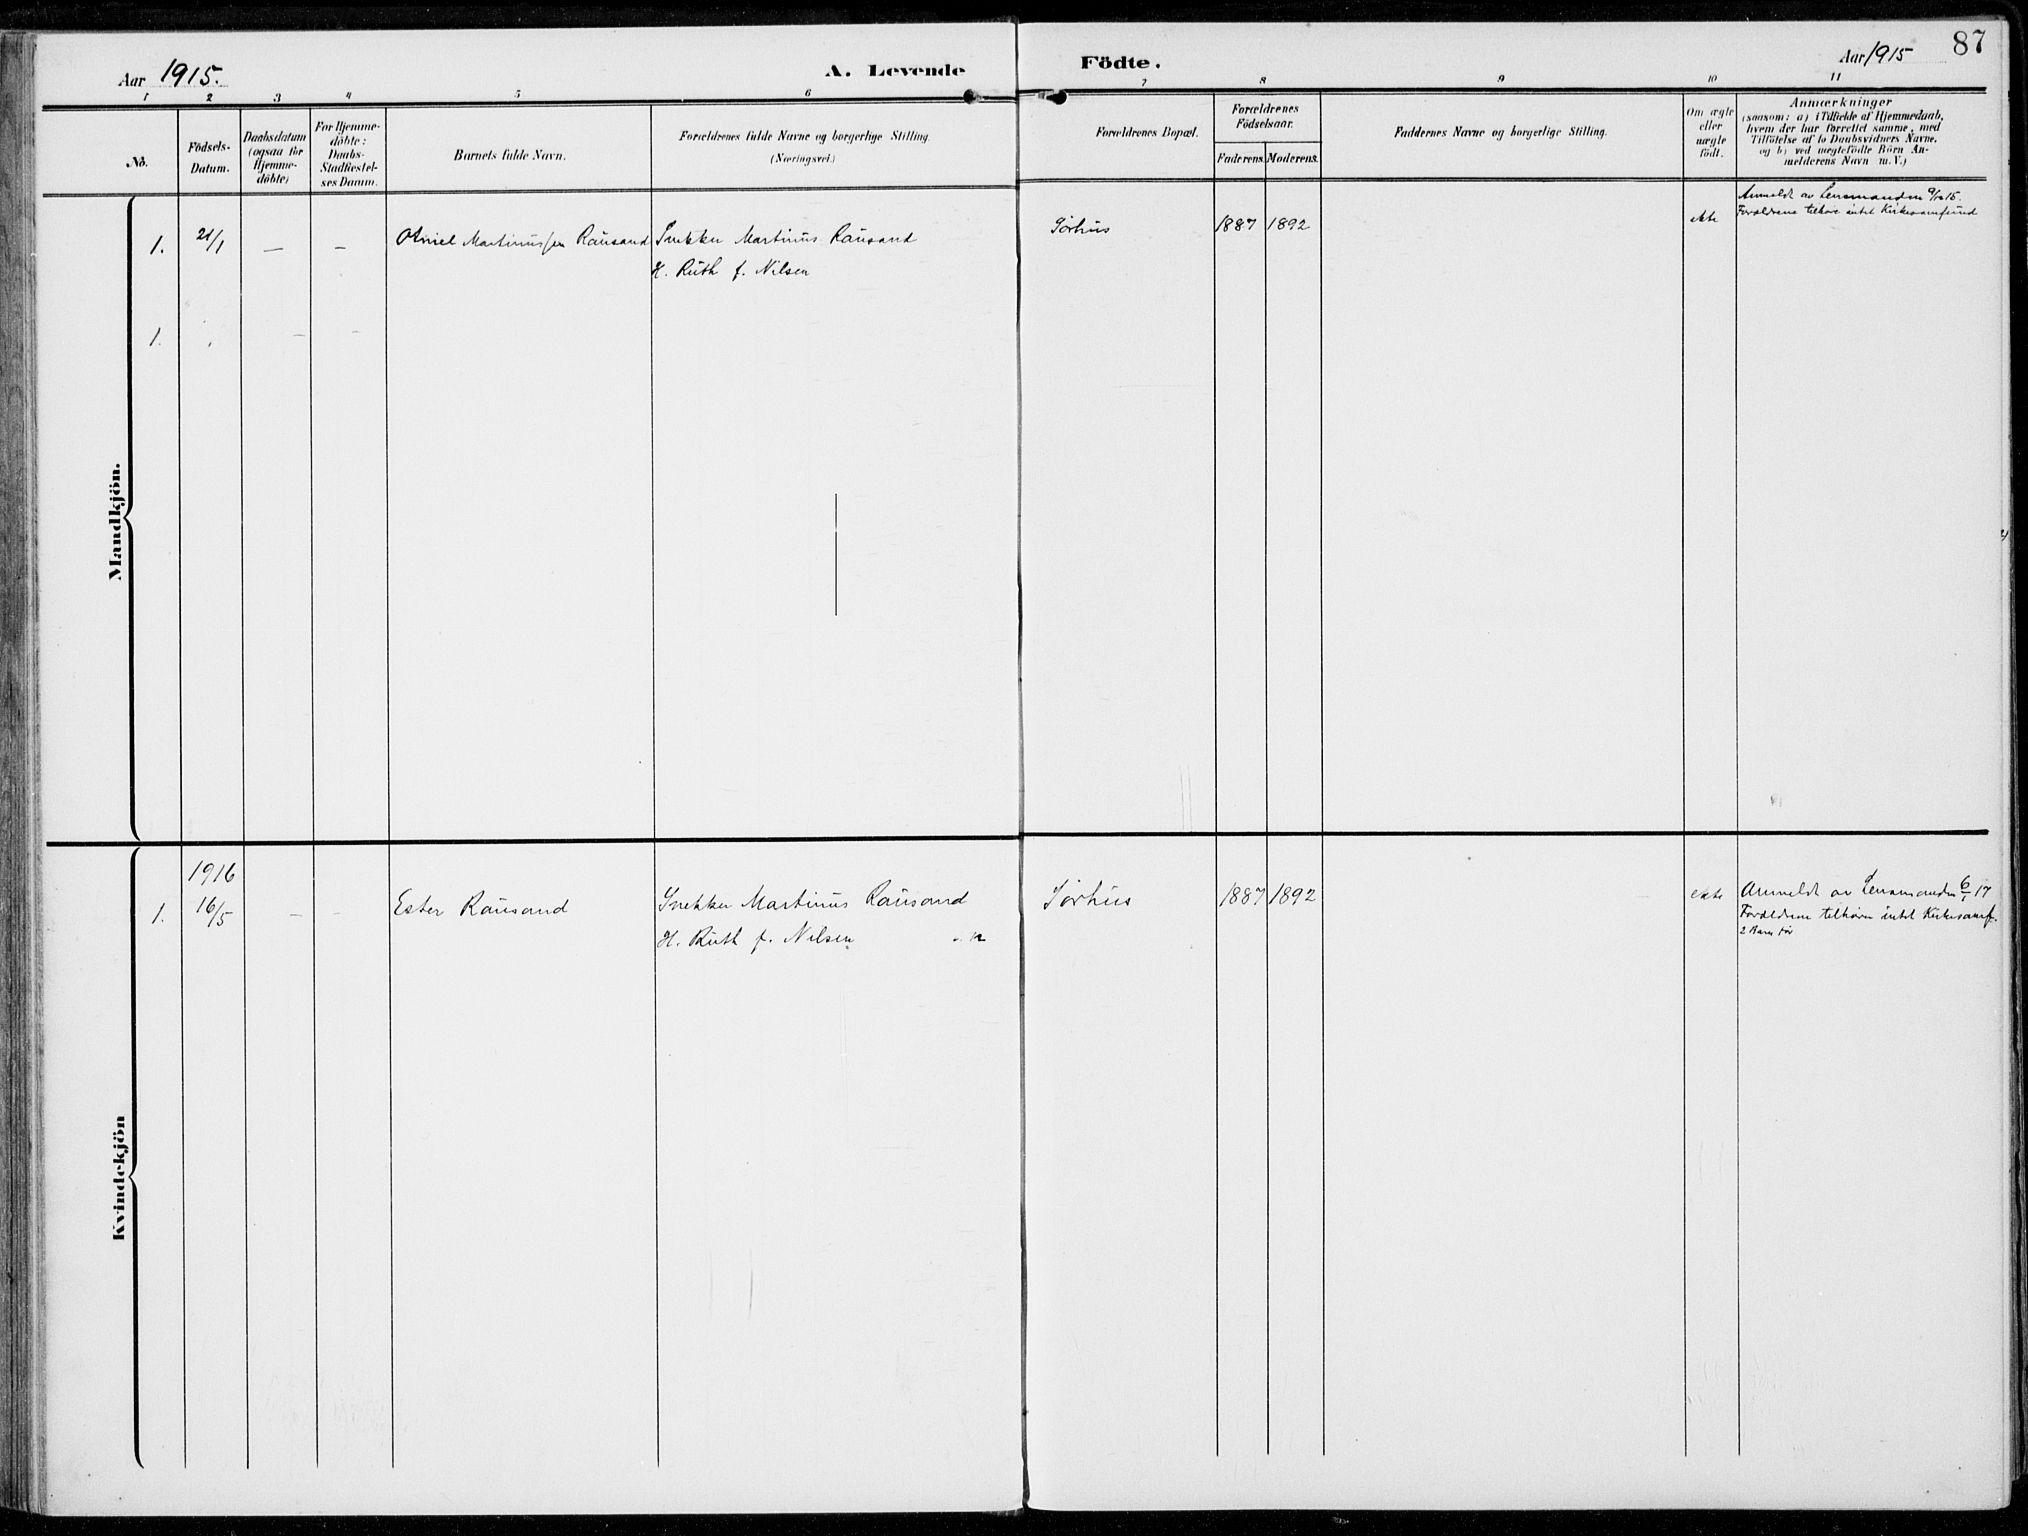 SAH, Alvdal prestekontor, Ministerialbok nr. 4, 1907-1919, s. 87